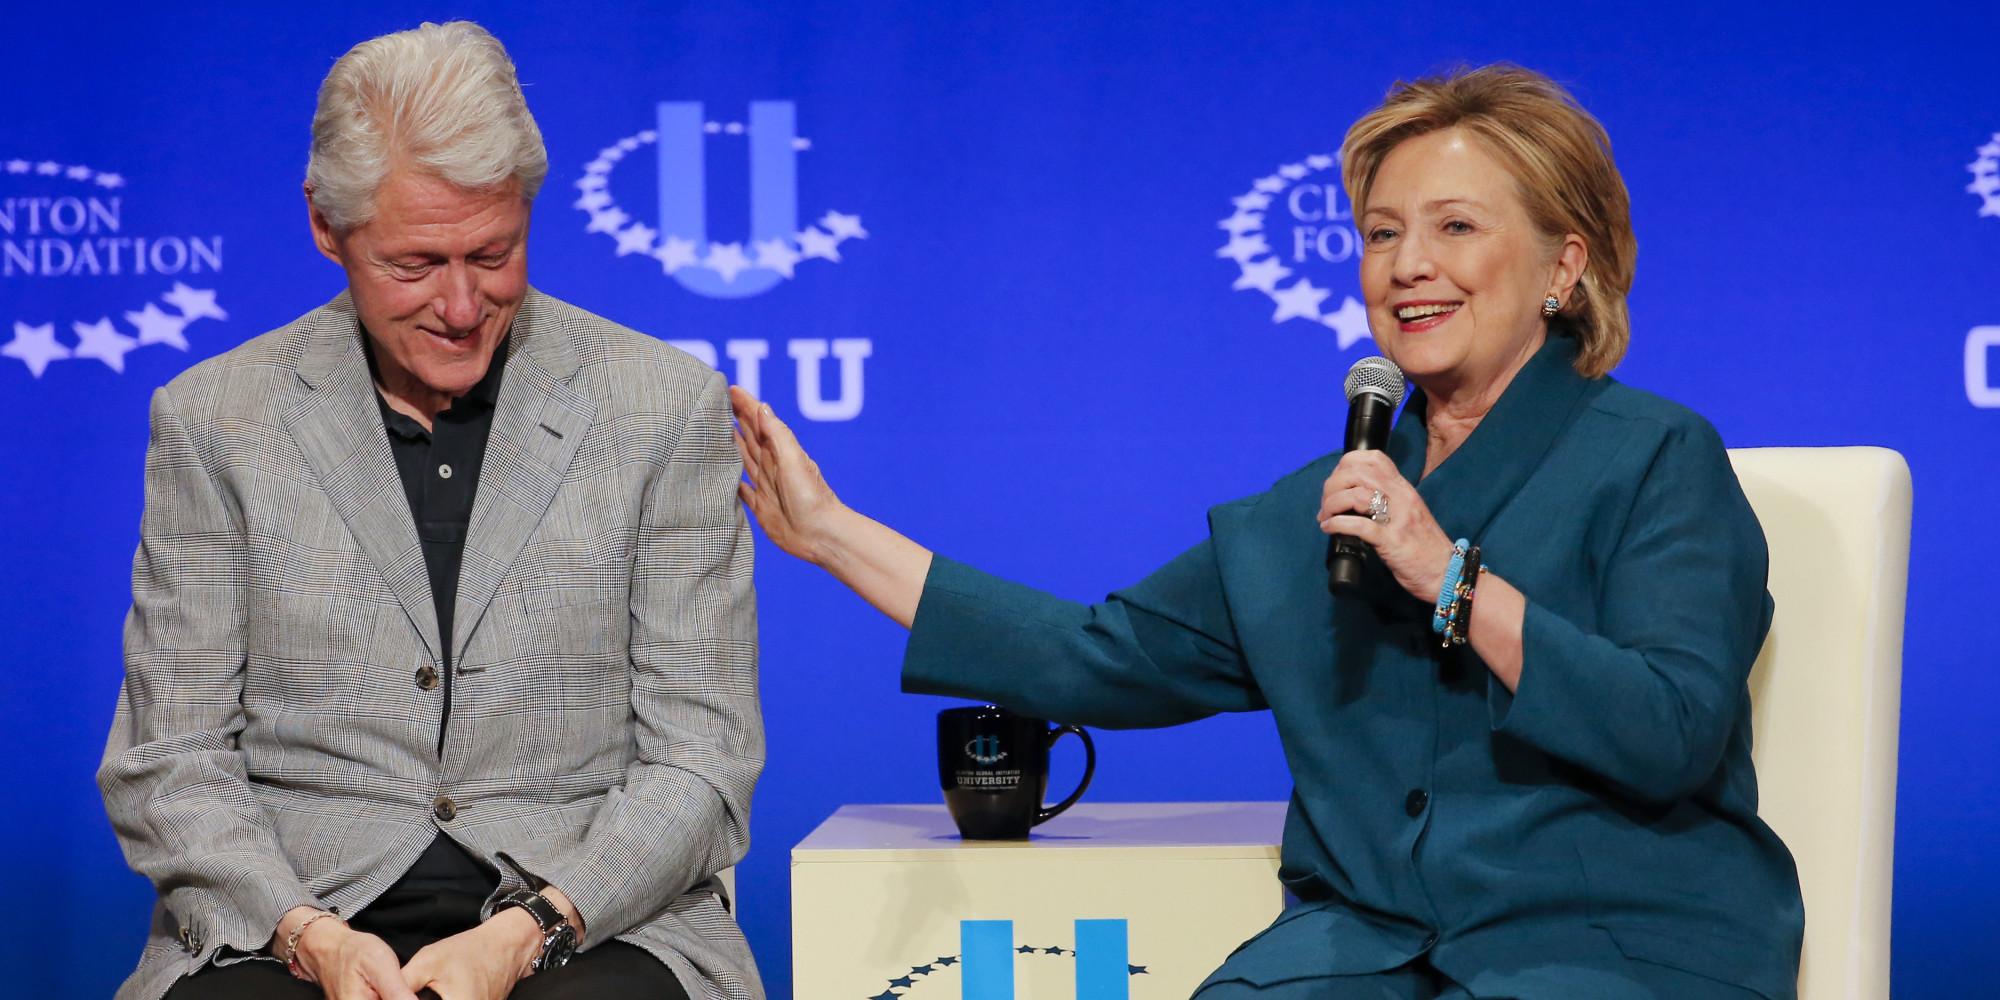 درآمد 160 میلیون دلاری بیل کلینتون وهمسرش از حضور وسخنرانی در مناسبتهای مختلف